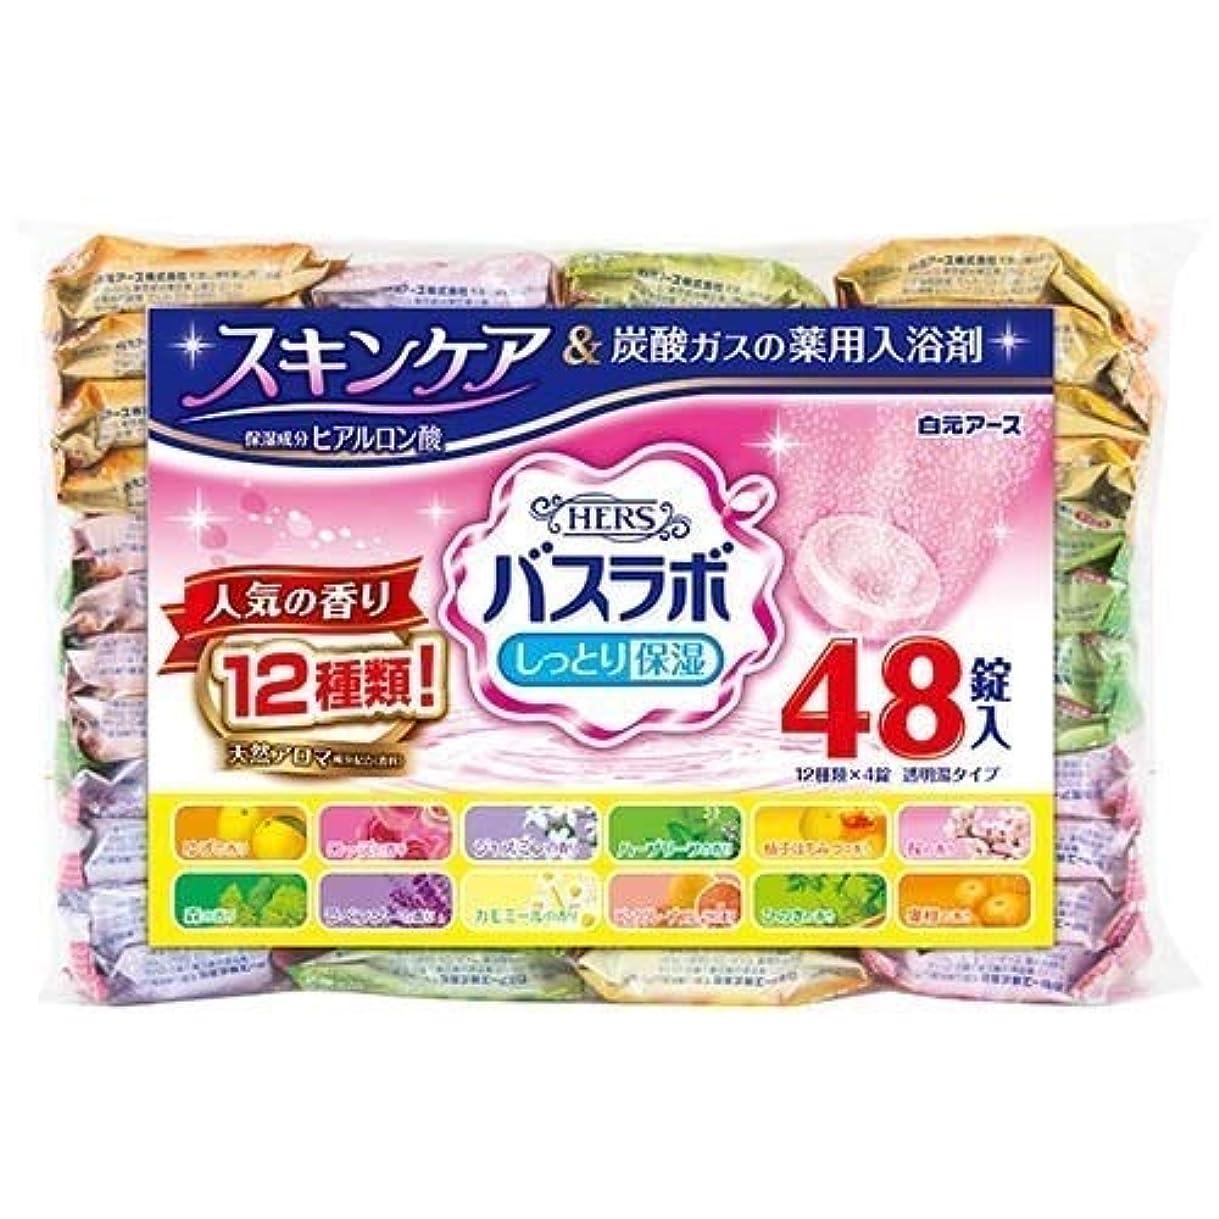 消化霜成熟バスラボアソートしっとり保湿 12種類×4 48錠